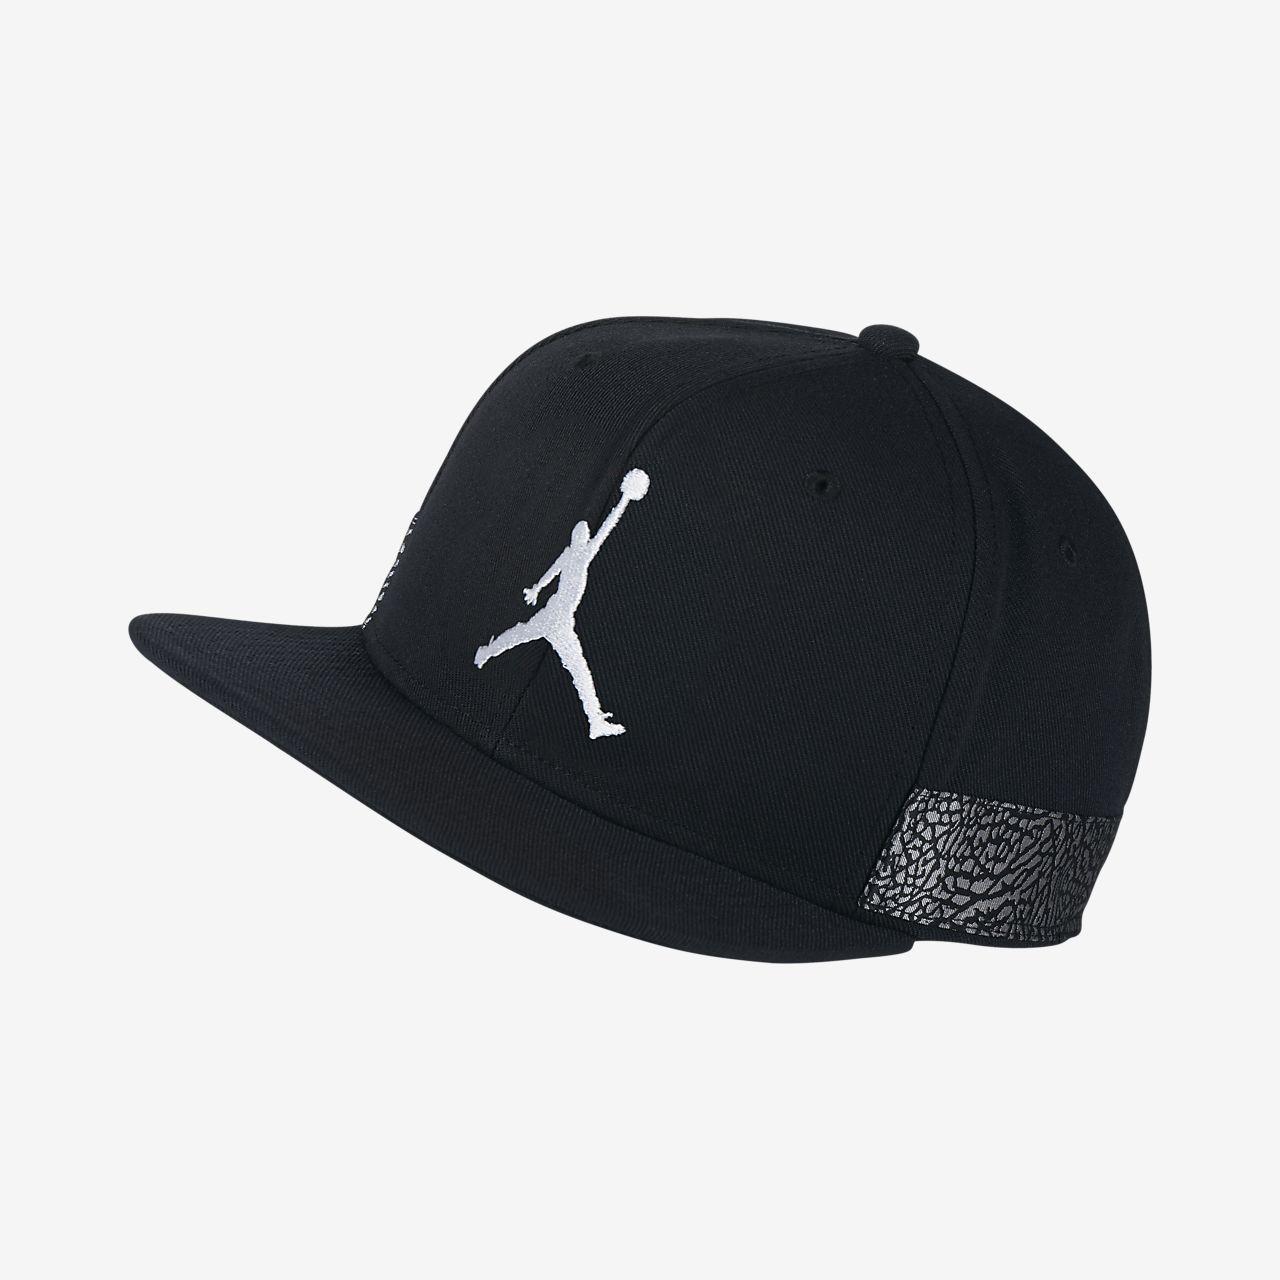 d4da49cee61f7f ... usa jordan jumpman pro aj3 adjustable hat 307c0 a88d9